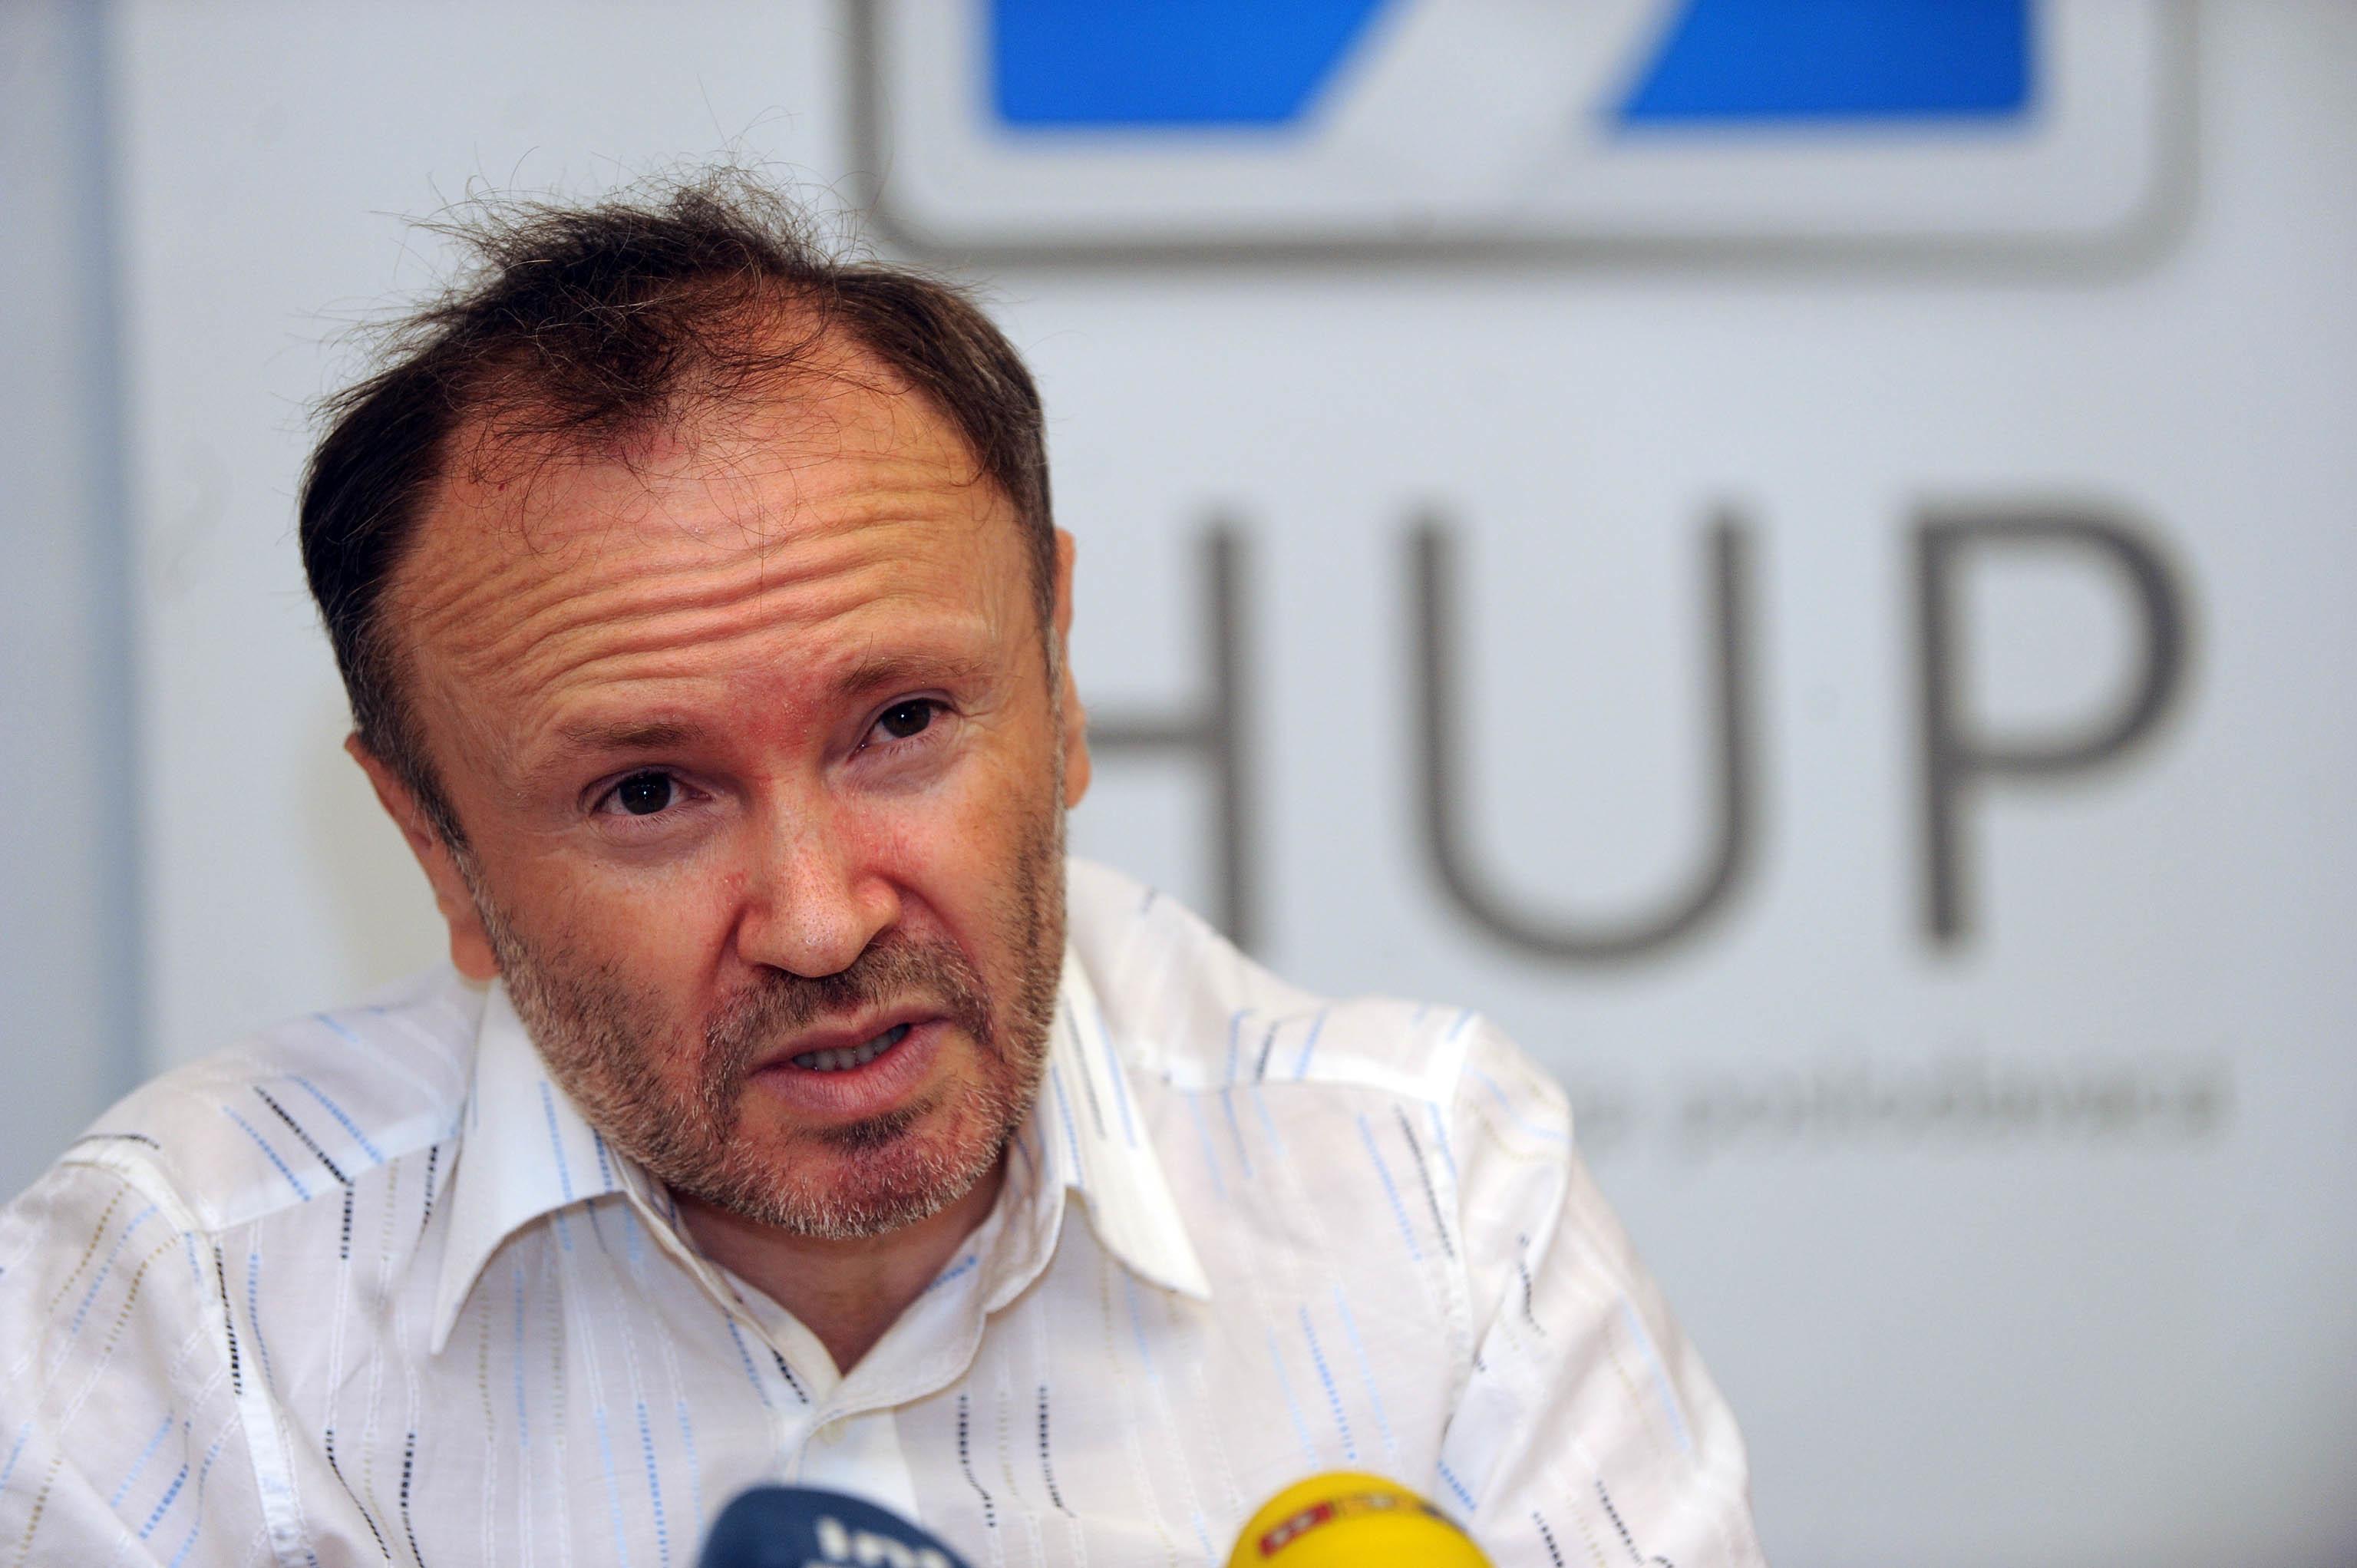 Željko Lovrinčević